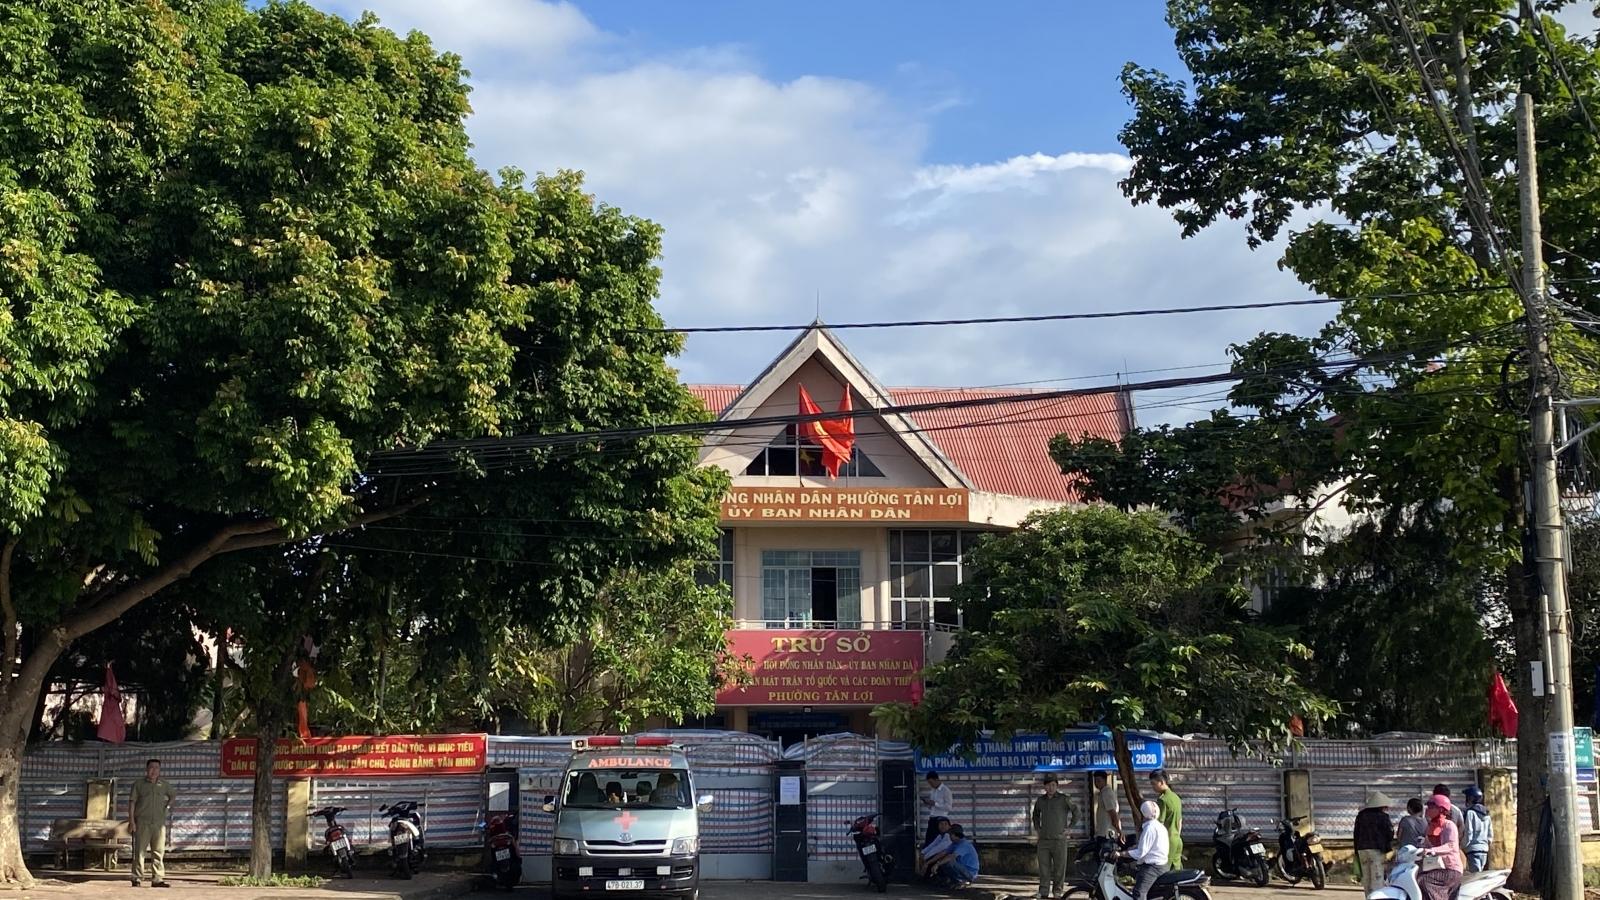 Cán bộ Đảng ủy phường nhảy lầu tự tử với lá thư tuyệt mệnh